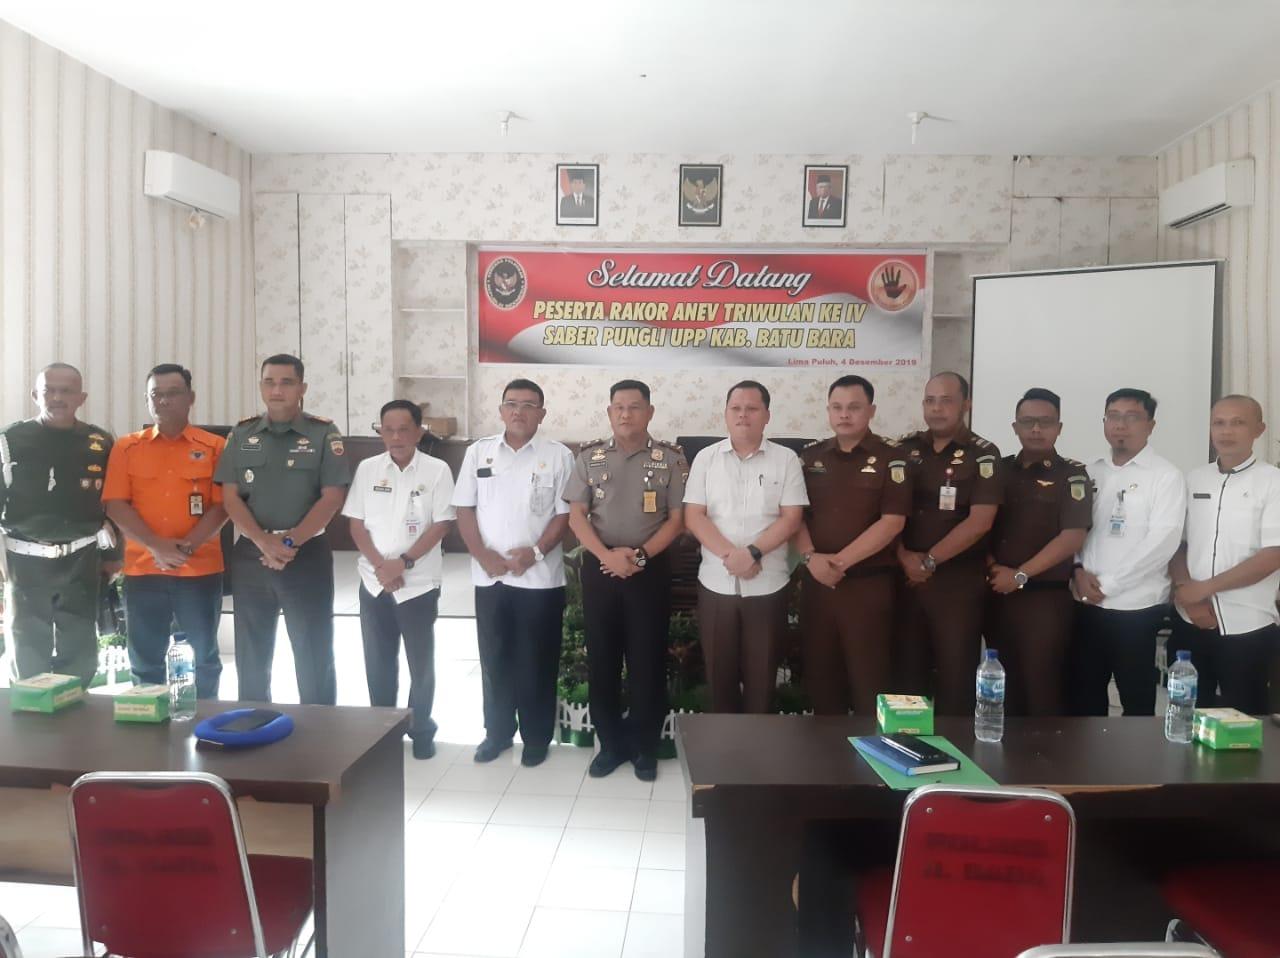 Kapolres Batu Bara AKBP Robin Simatupang, SH.M.Hu Pimpin Rakor Triwulan Ke IV Saber Pungli